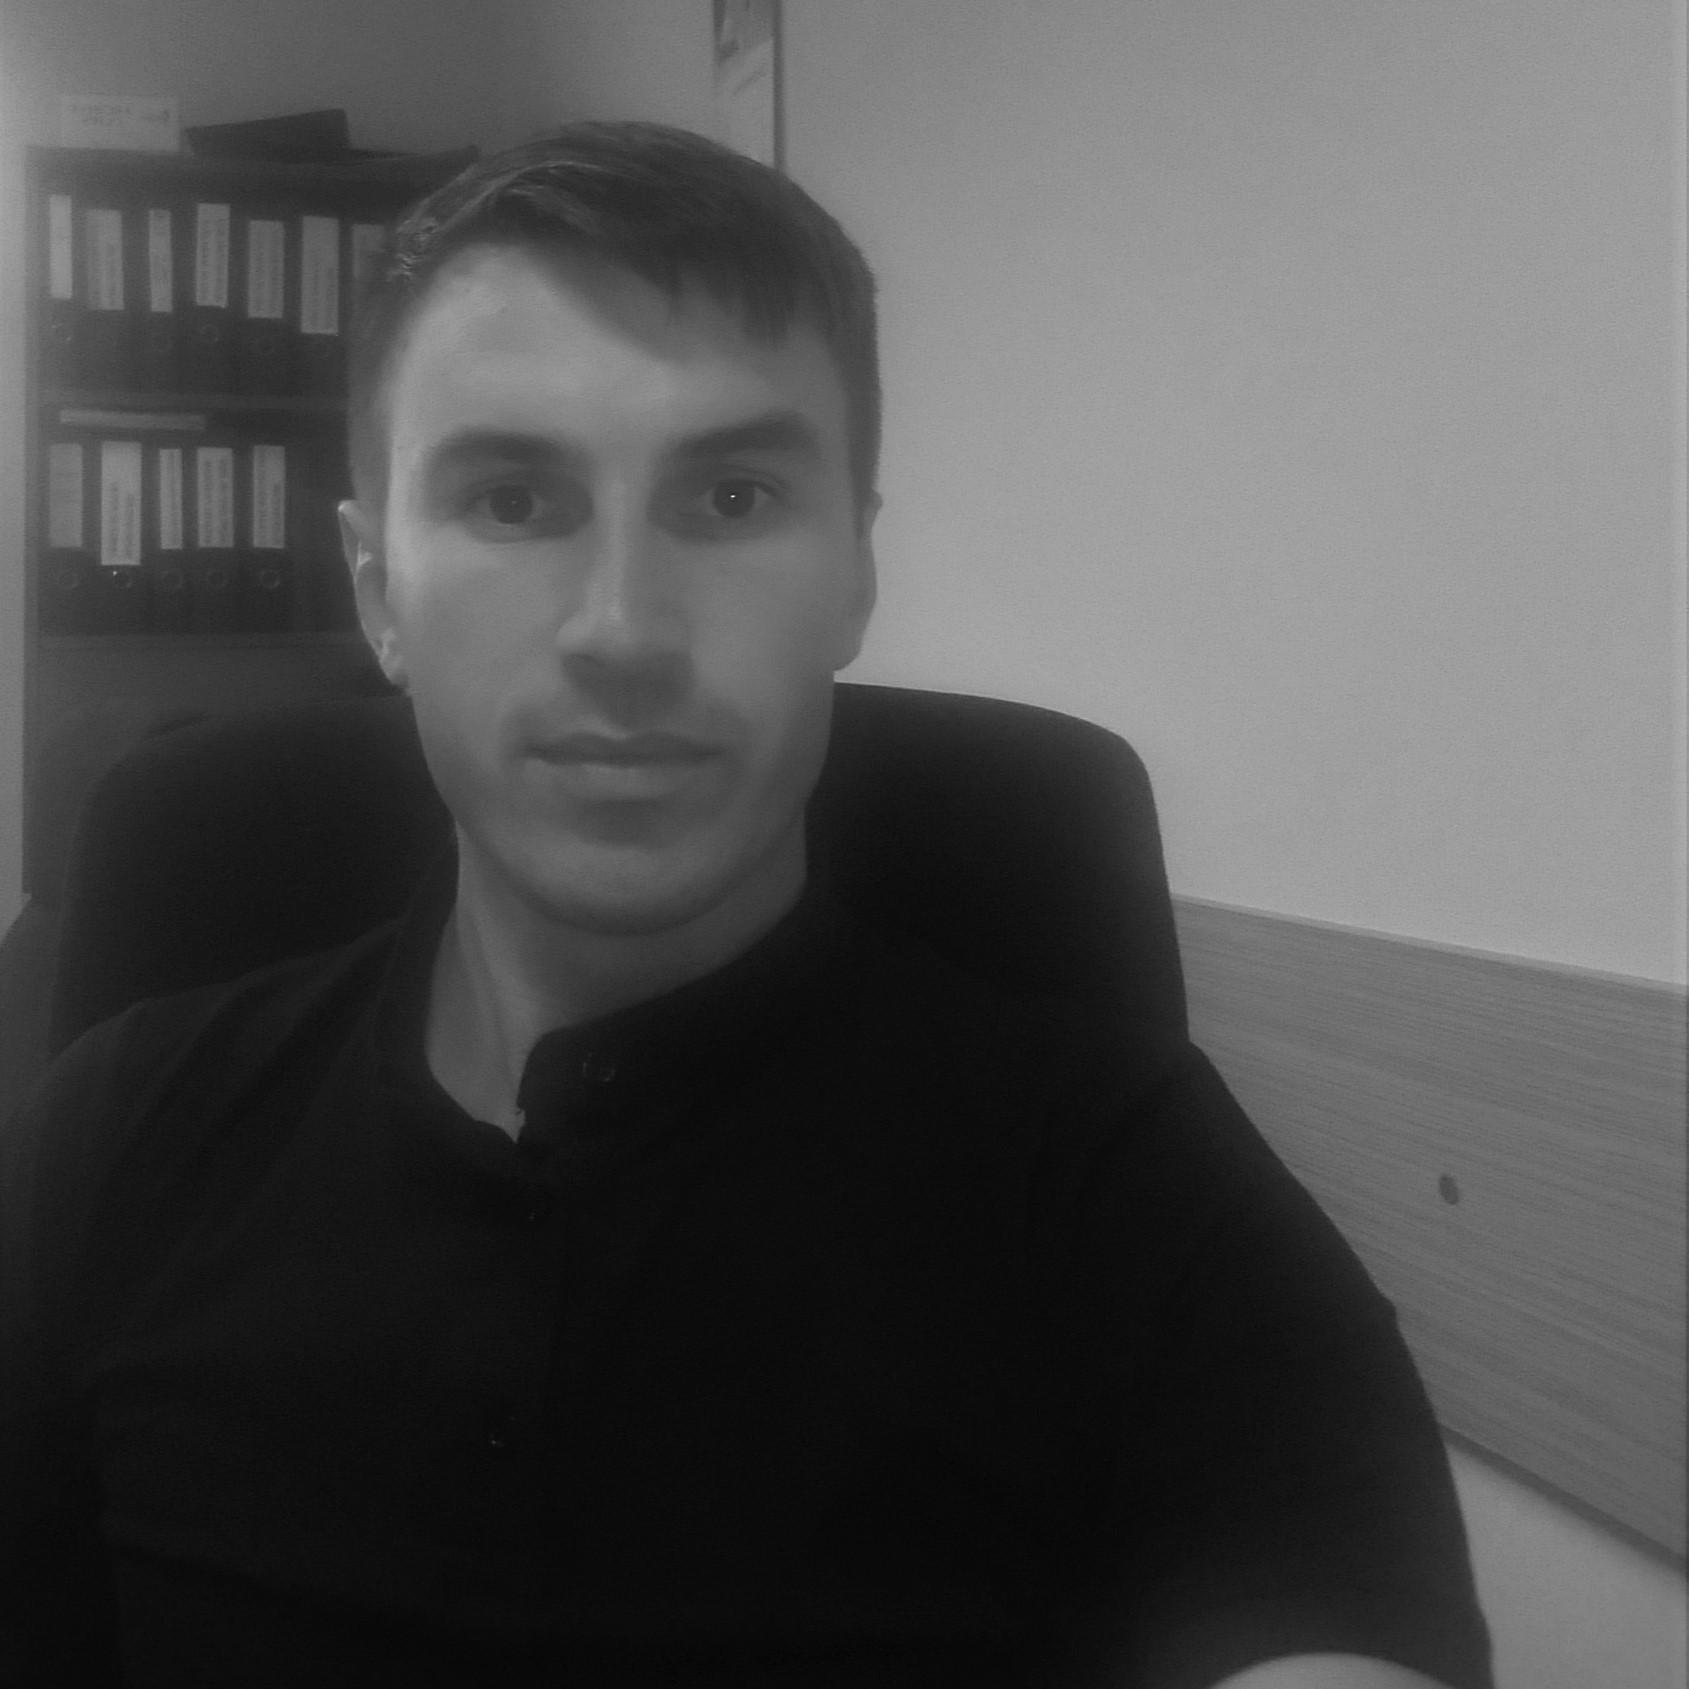 Ignatiuc   Andrei